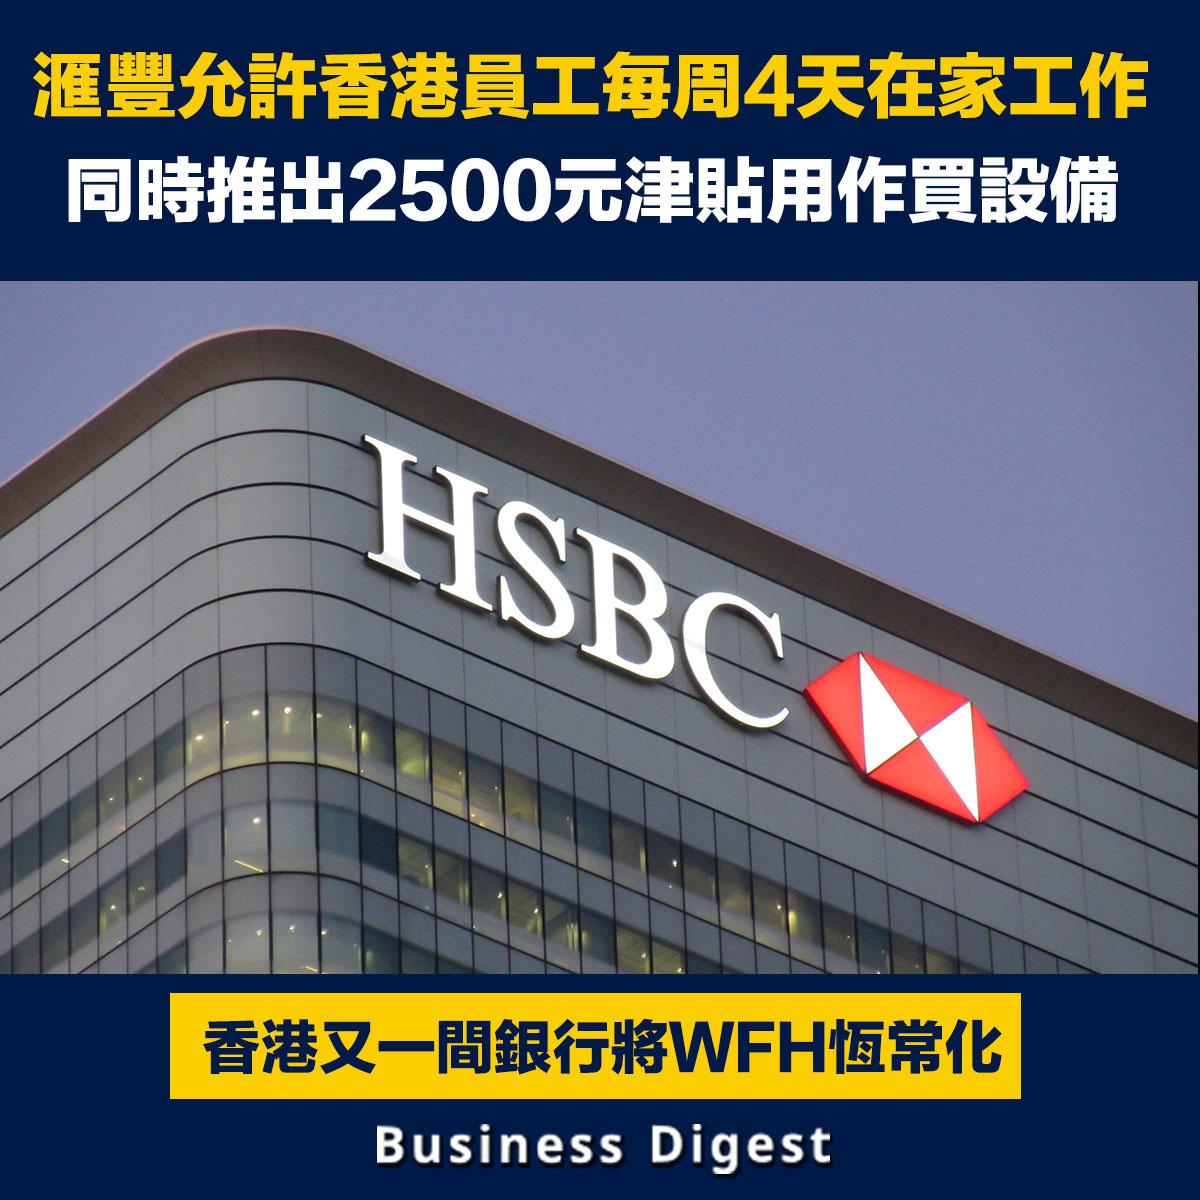 彭博消息,滙豐將允許香港合資格員工每周在家工作最多4天,並會推出2500元的津貼給員工用作購買設備